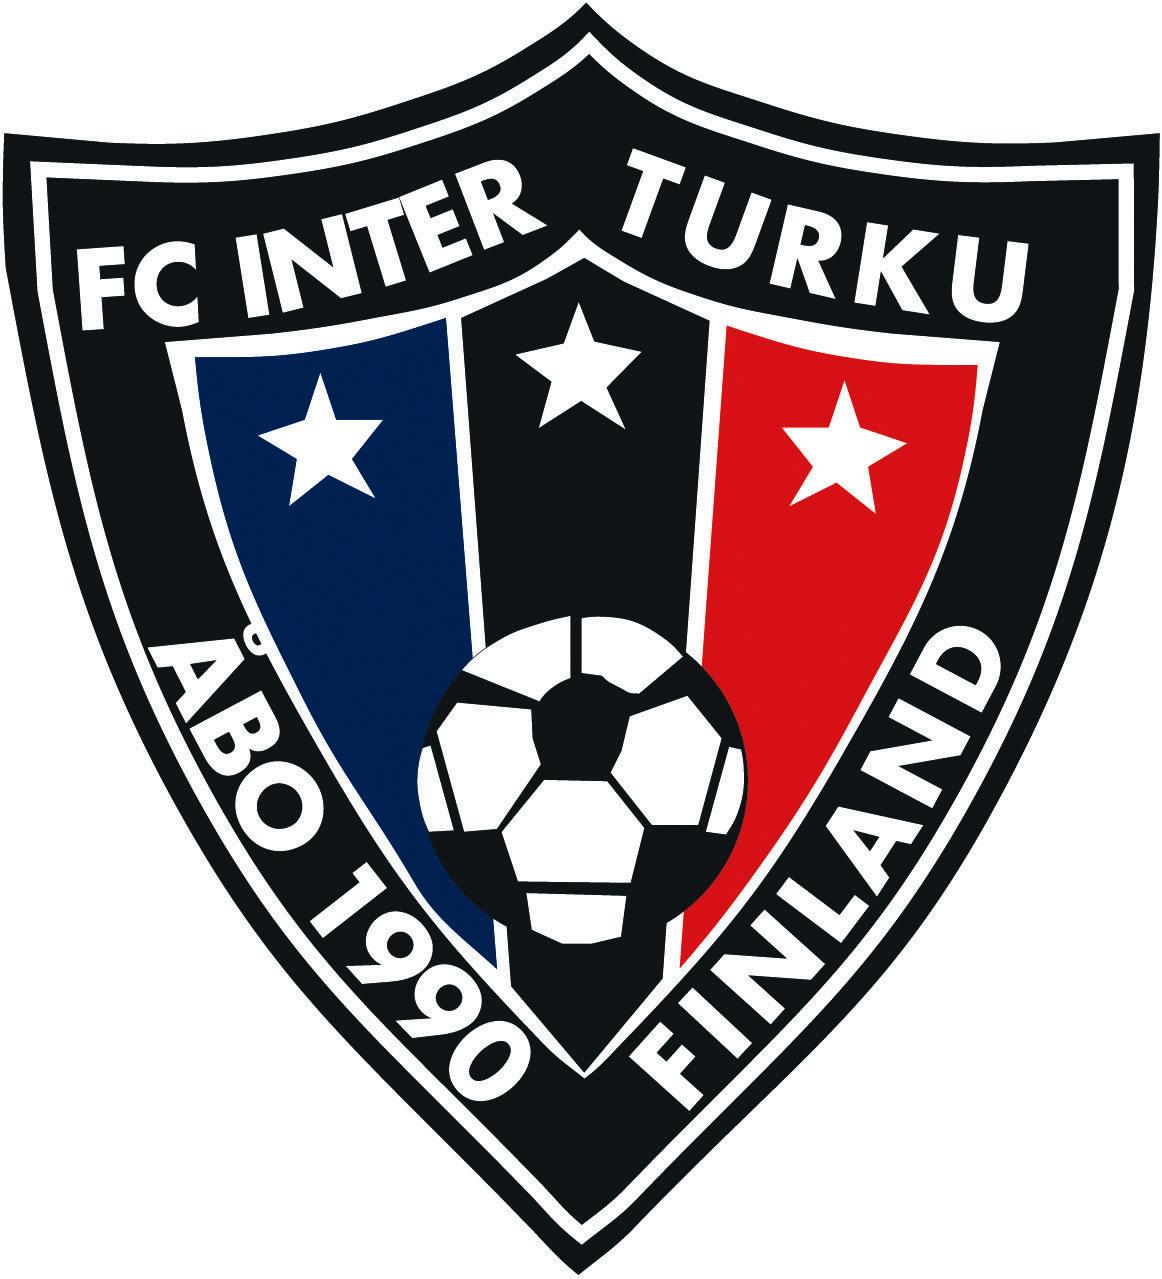 fc inter turku